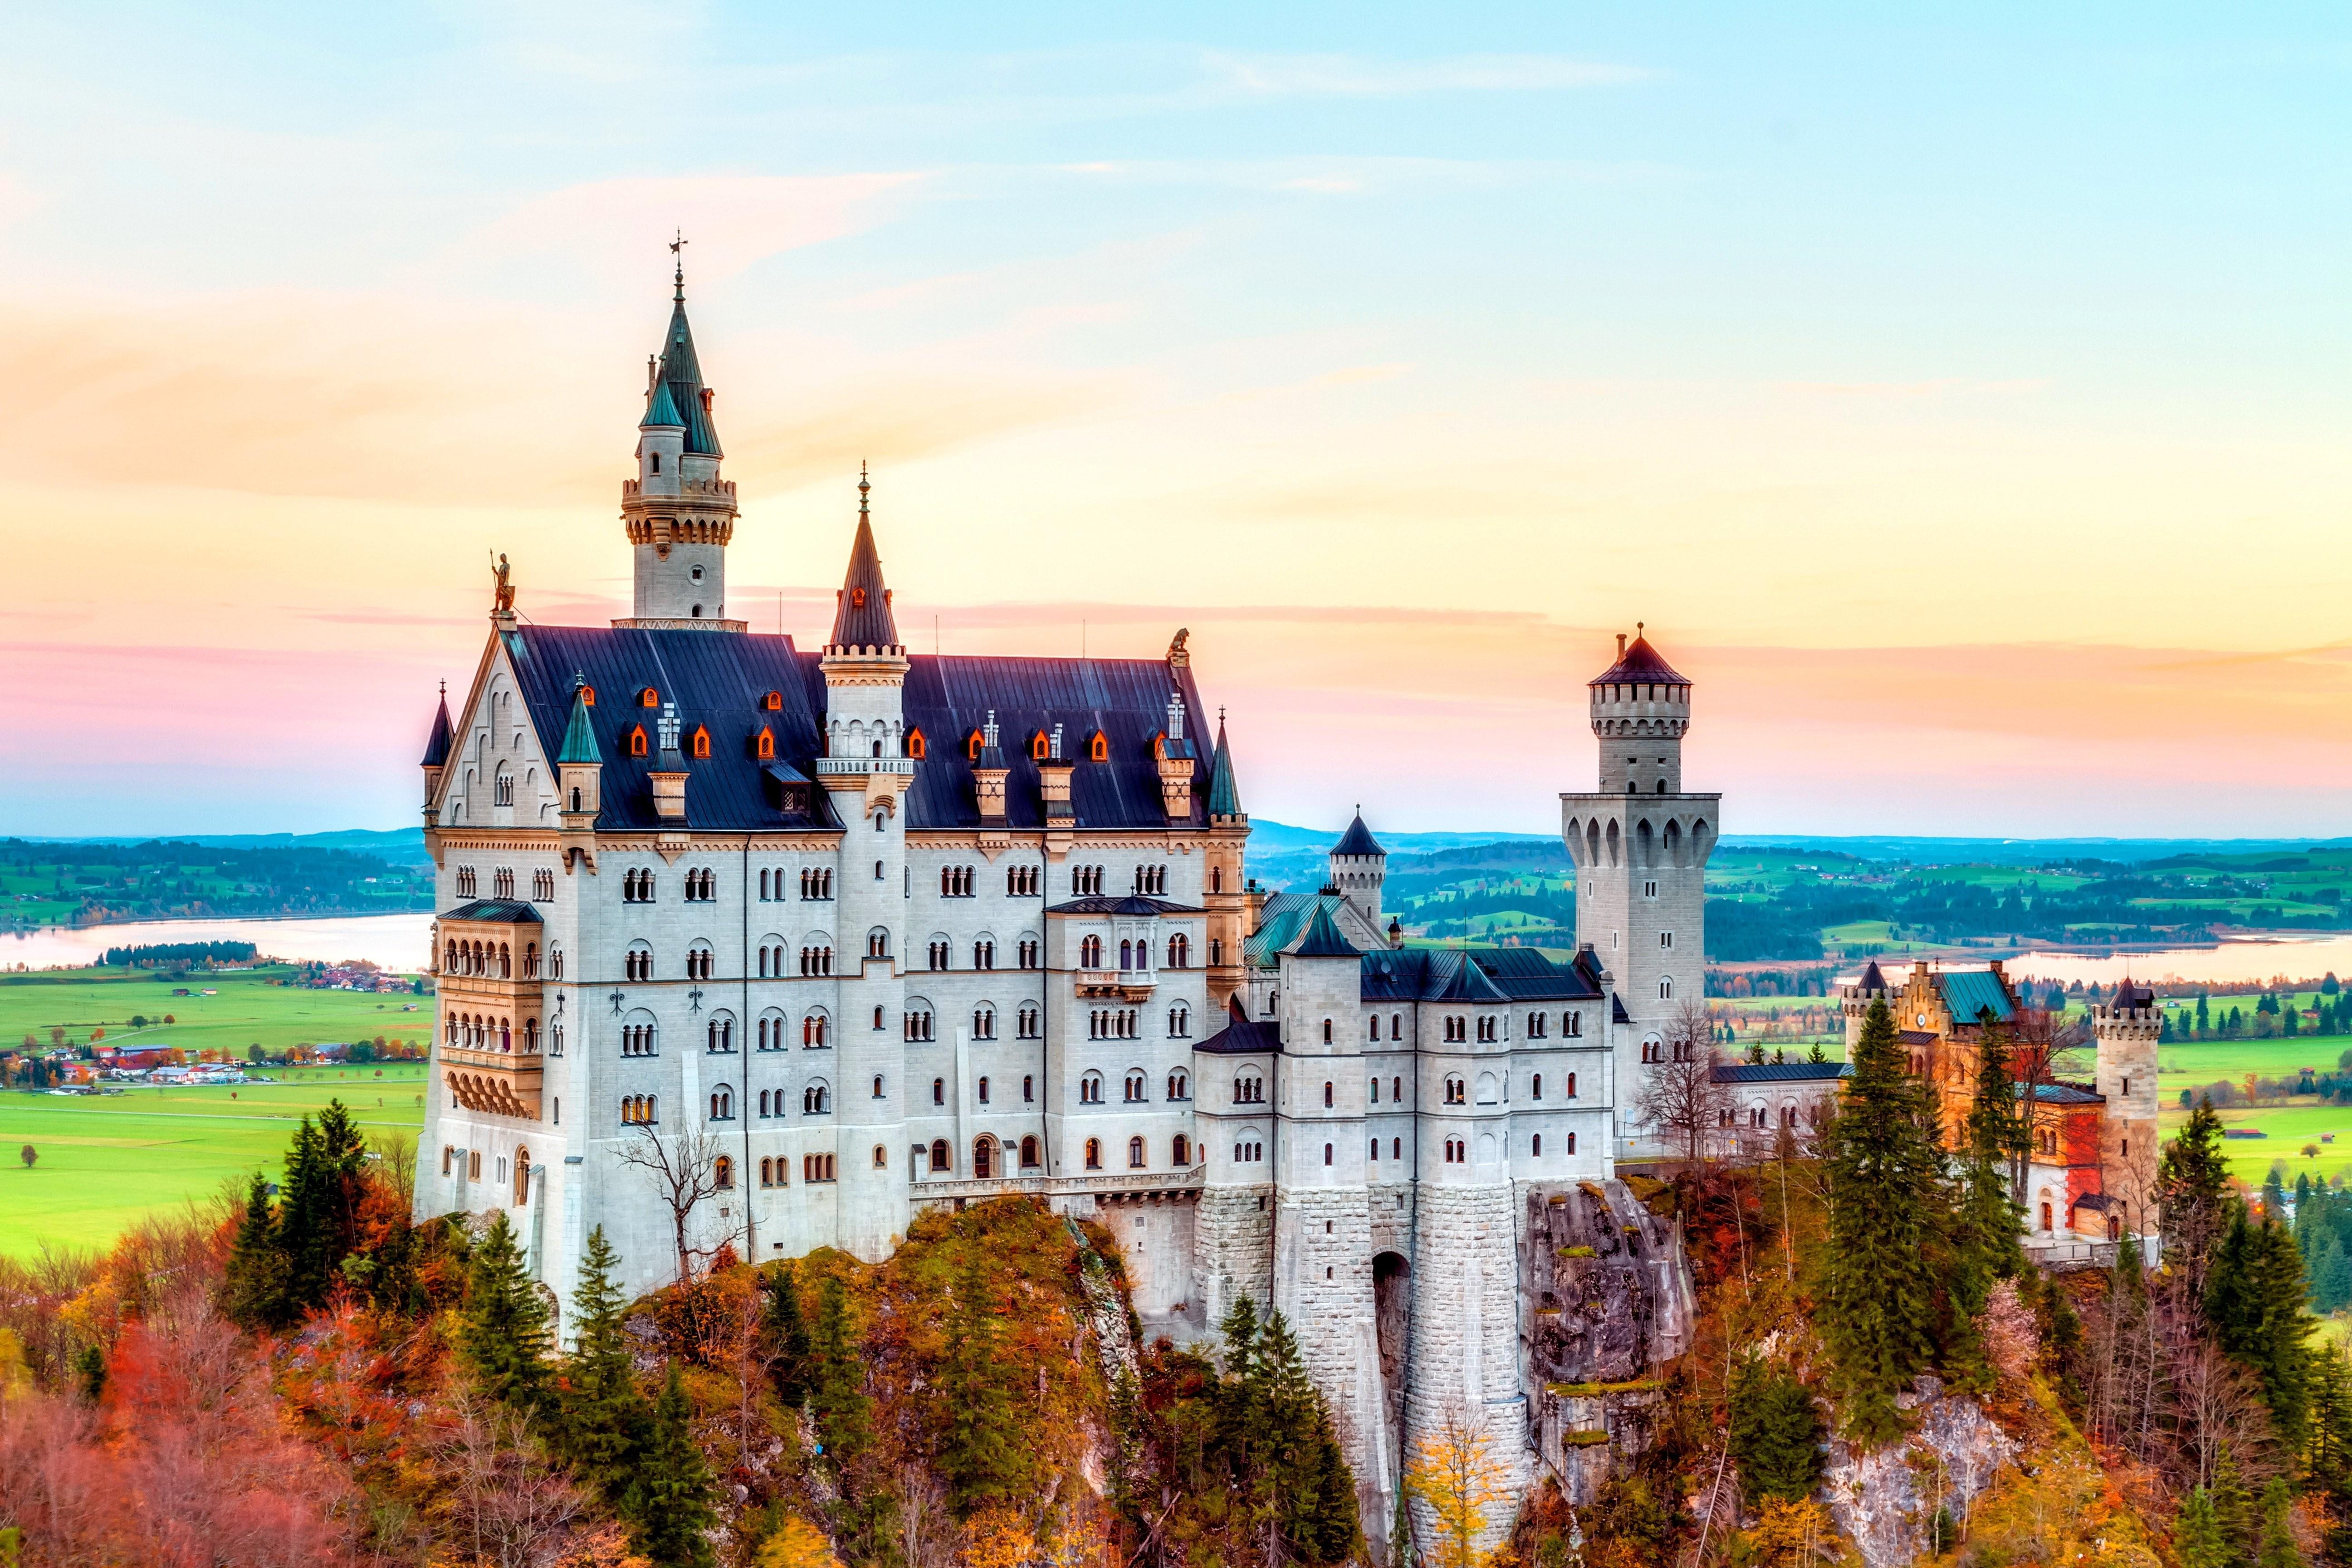 Wallpaper Castle, Neuschwanstein, alps, Autumn, bavaria ...